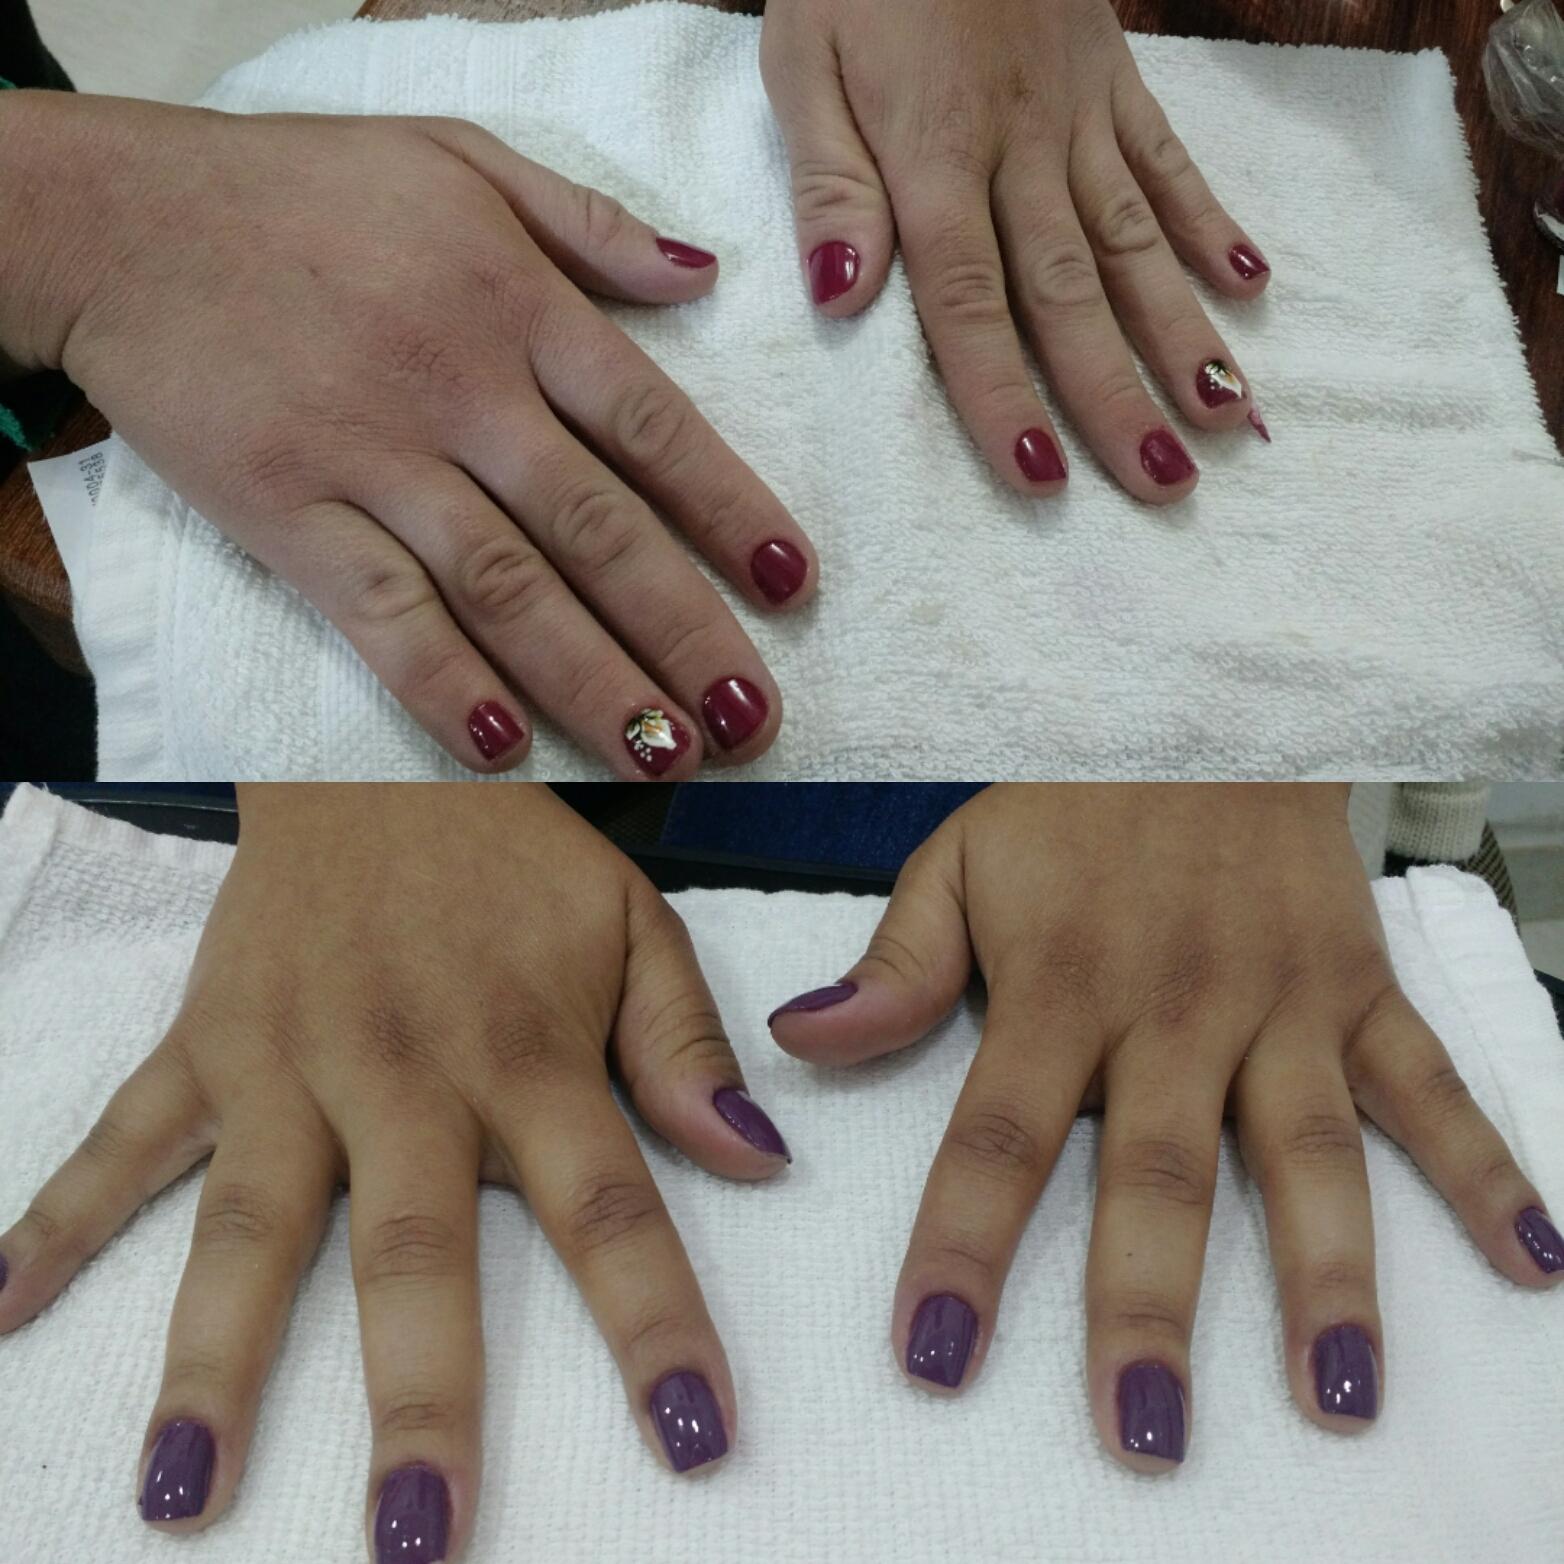 Embelezamento de unhas #unhas #esmaltes  unha maquiador(a) designer de sobrancelhas manicure e pedicure micropigmentador(a)